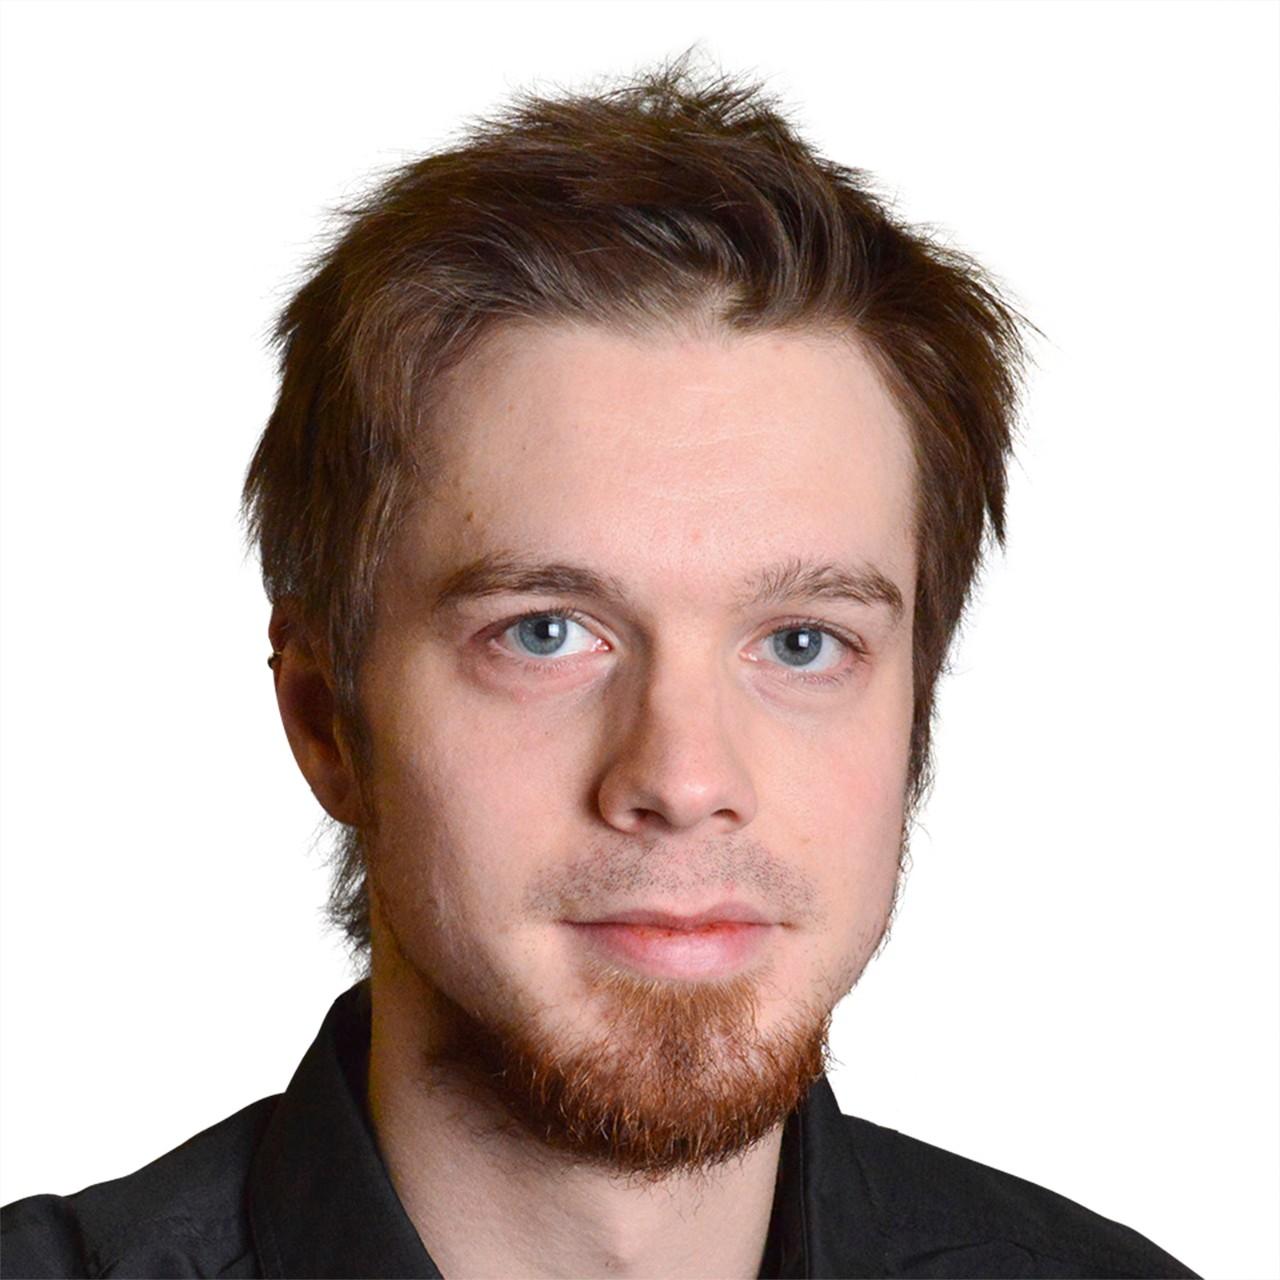 Sebastian Stenhult